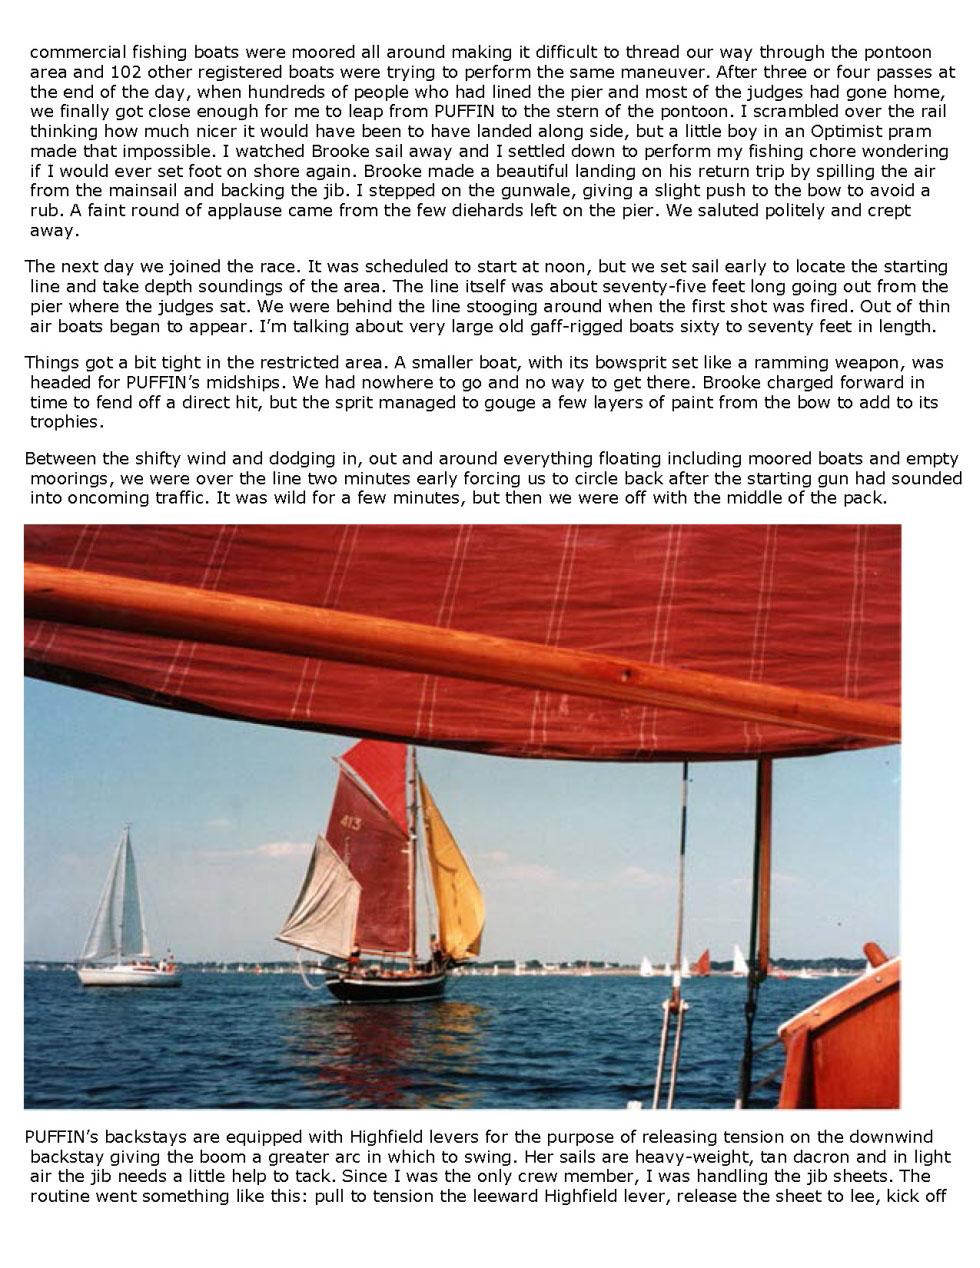 Narrative1994part2_Page_11